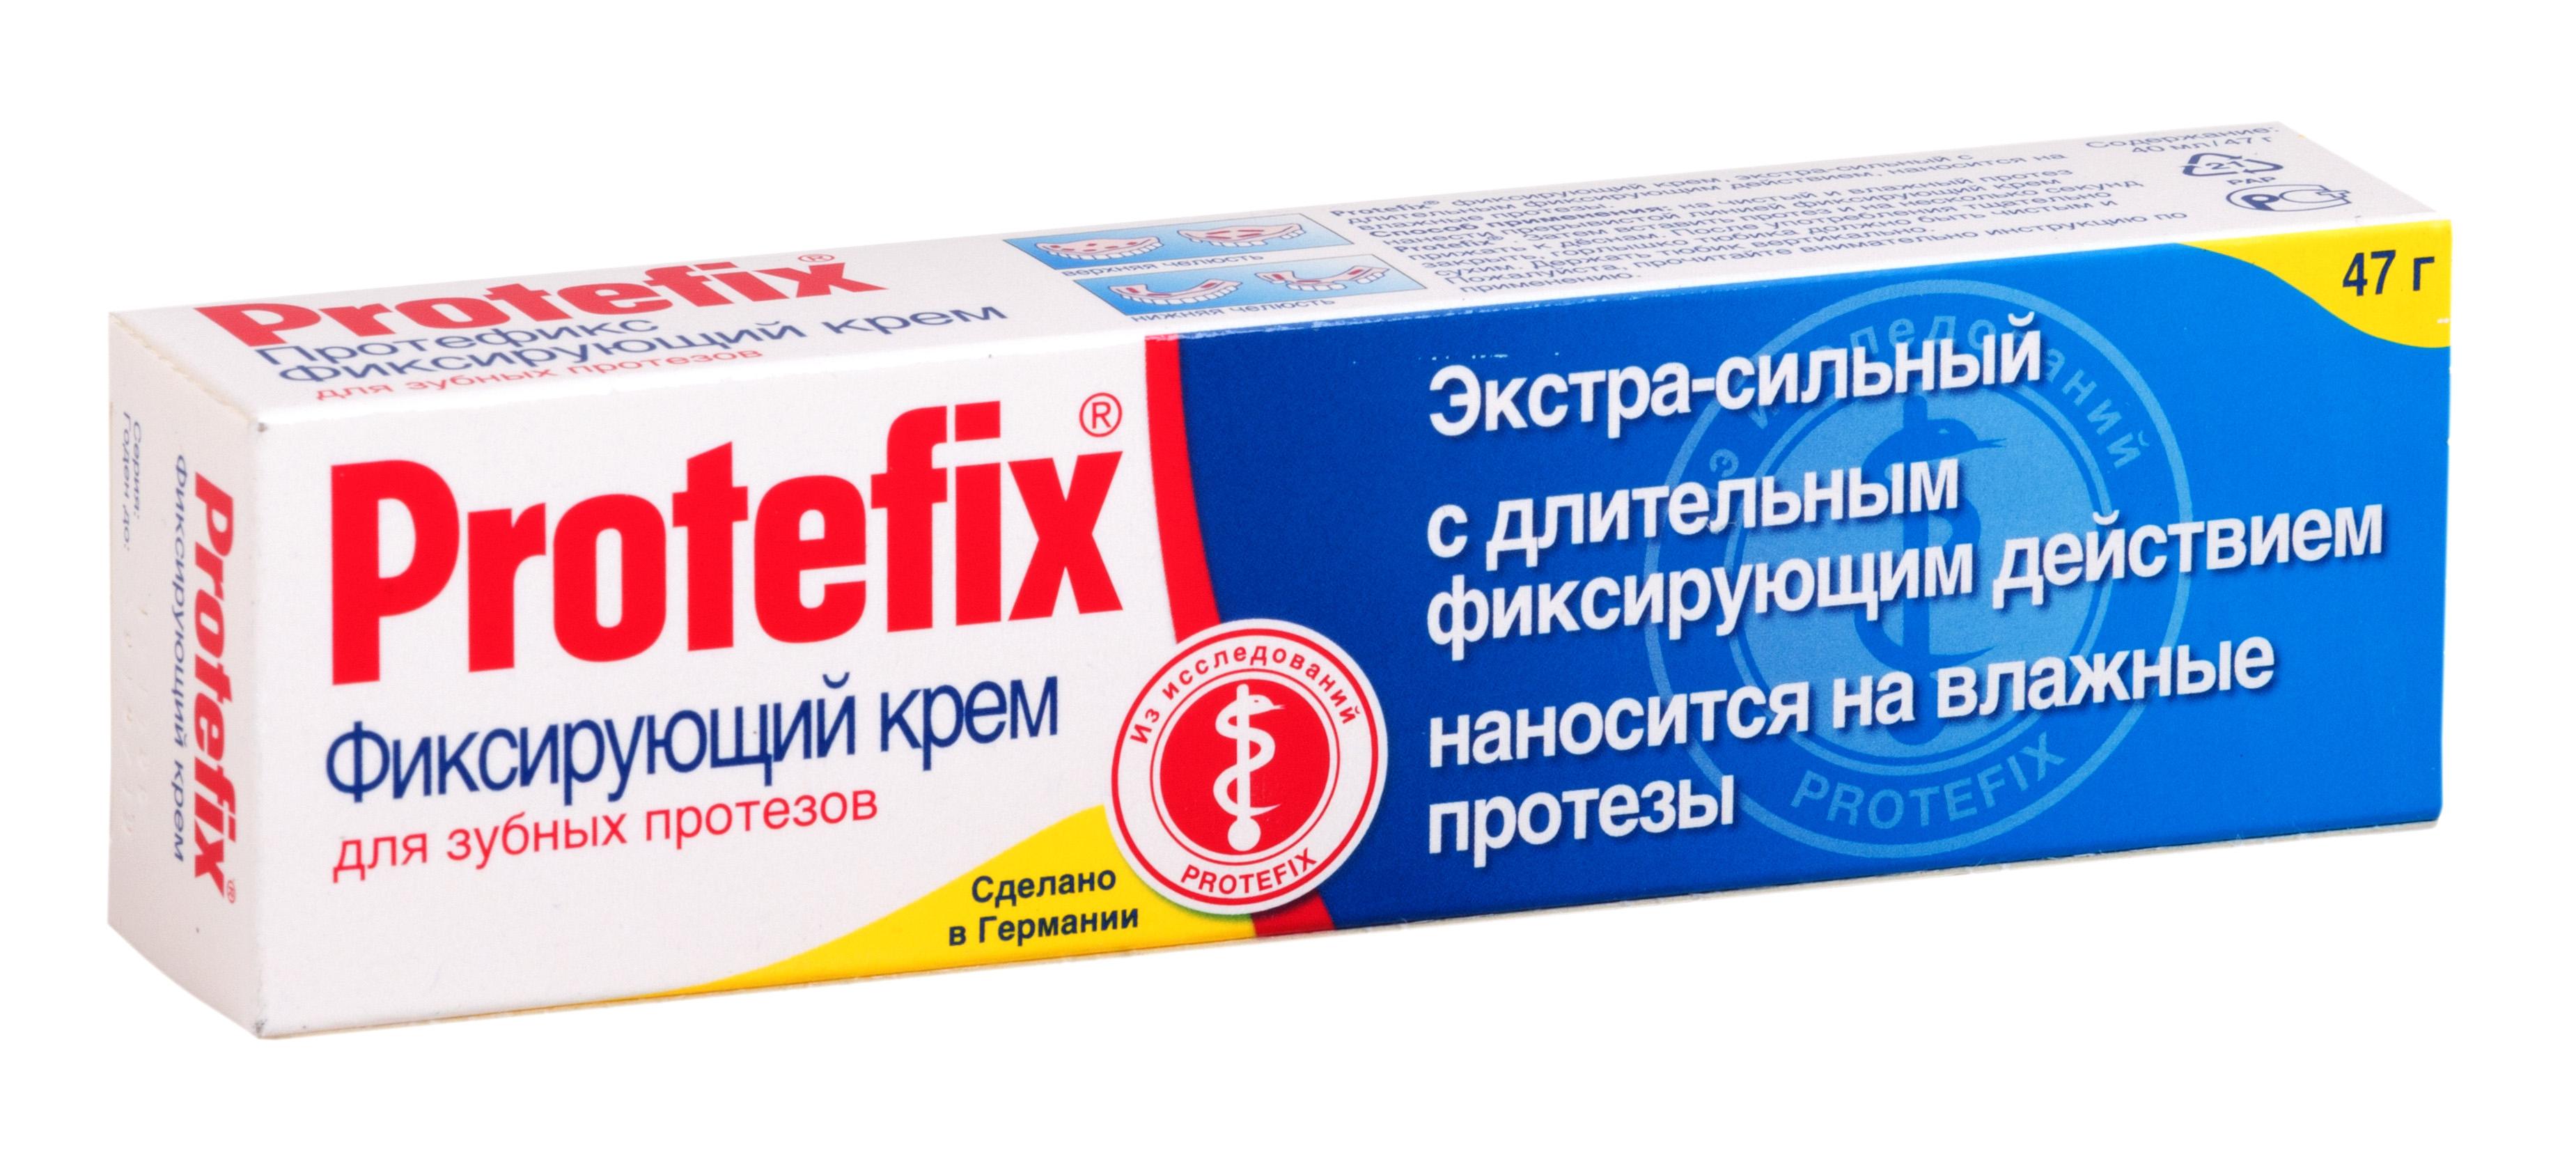 Протефикс крем фиксирующий д/зубных протезов экстра-сильный 40мл